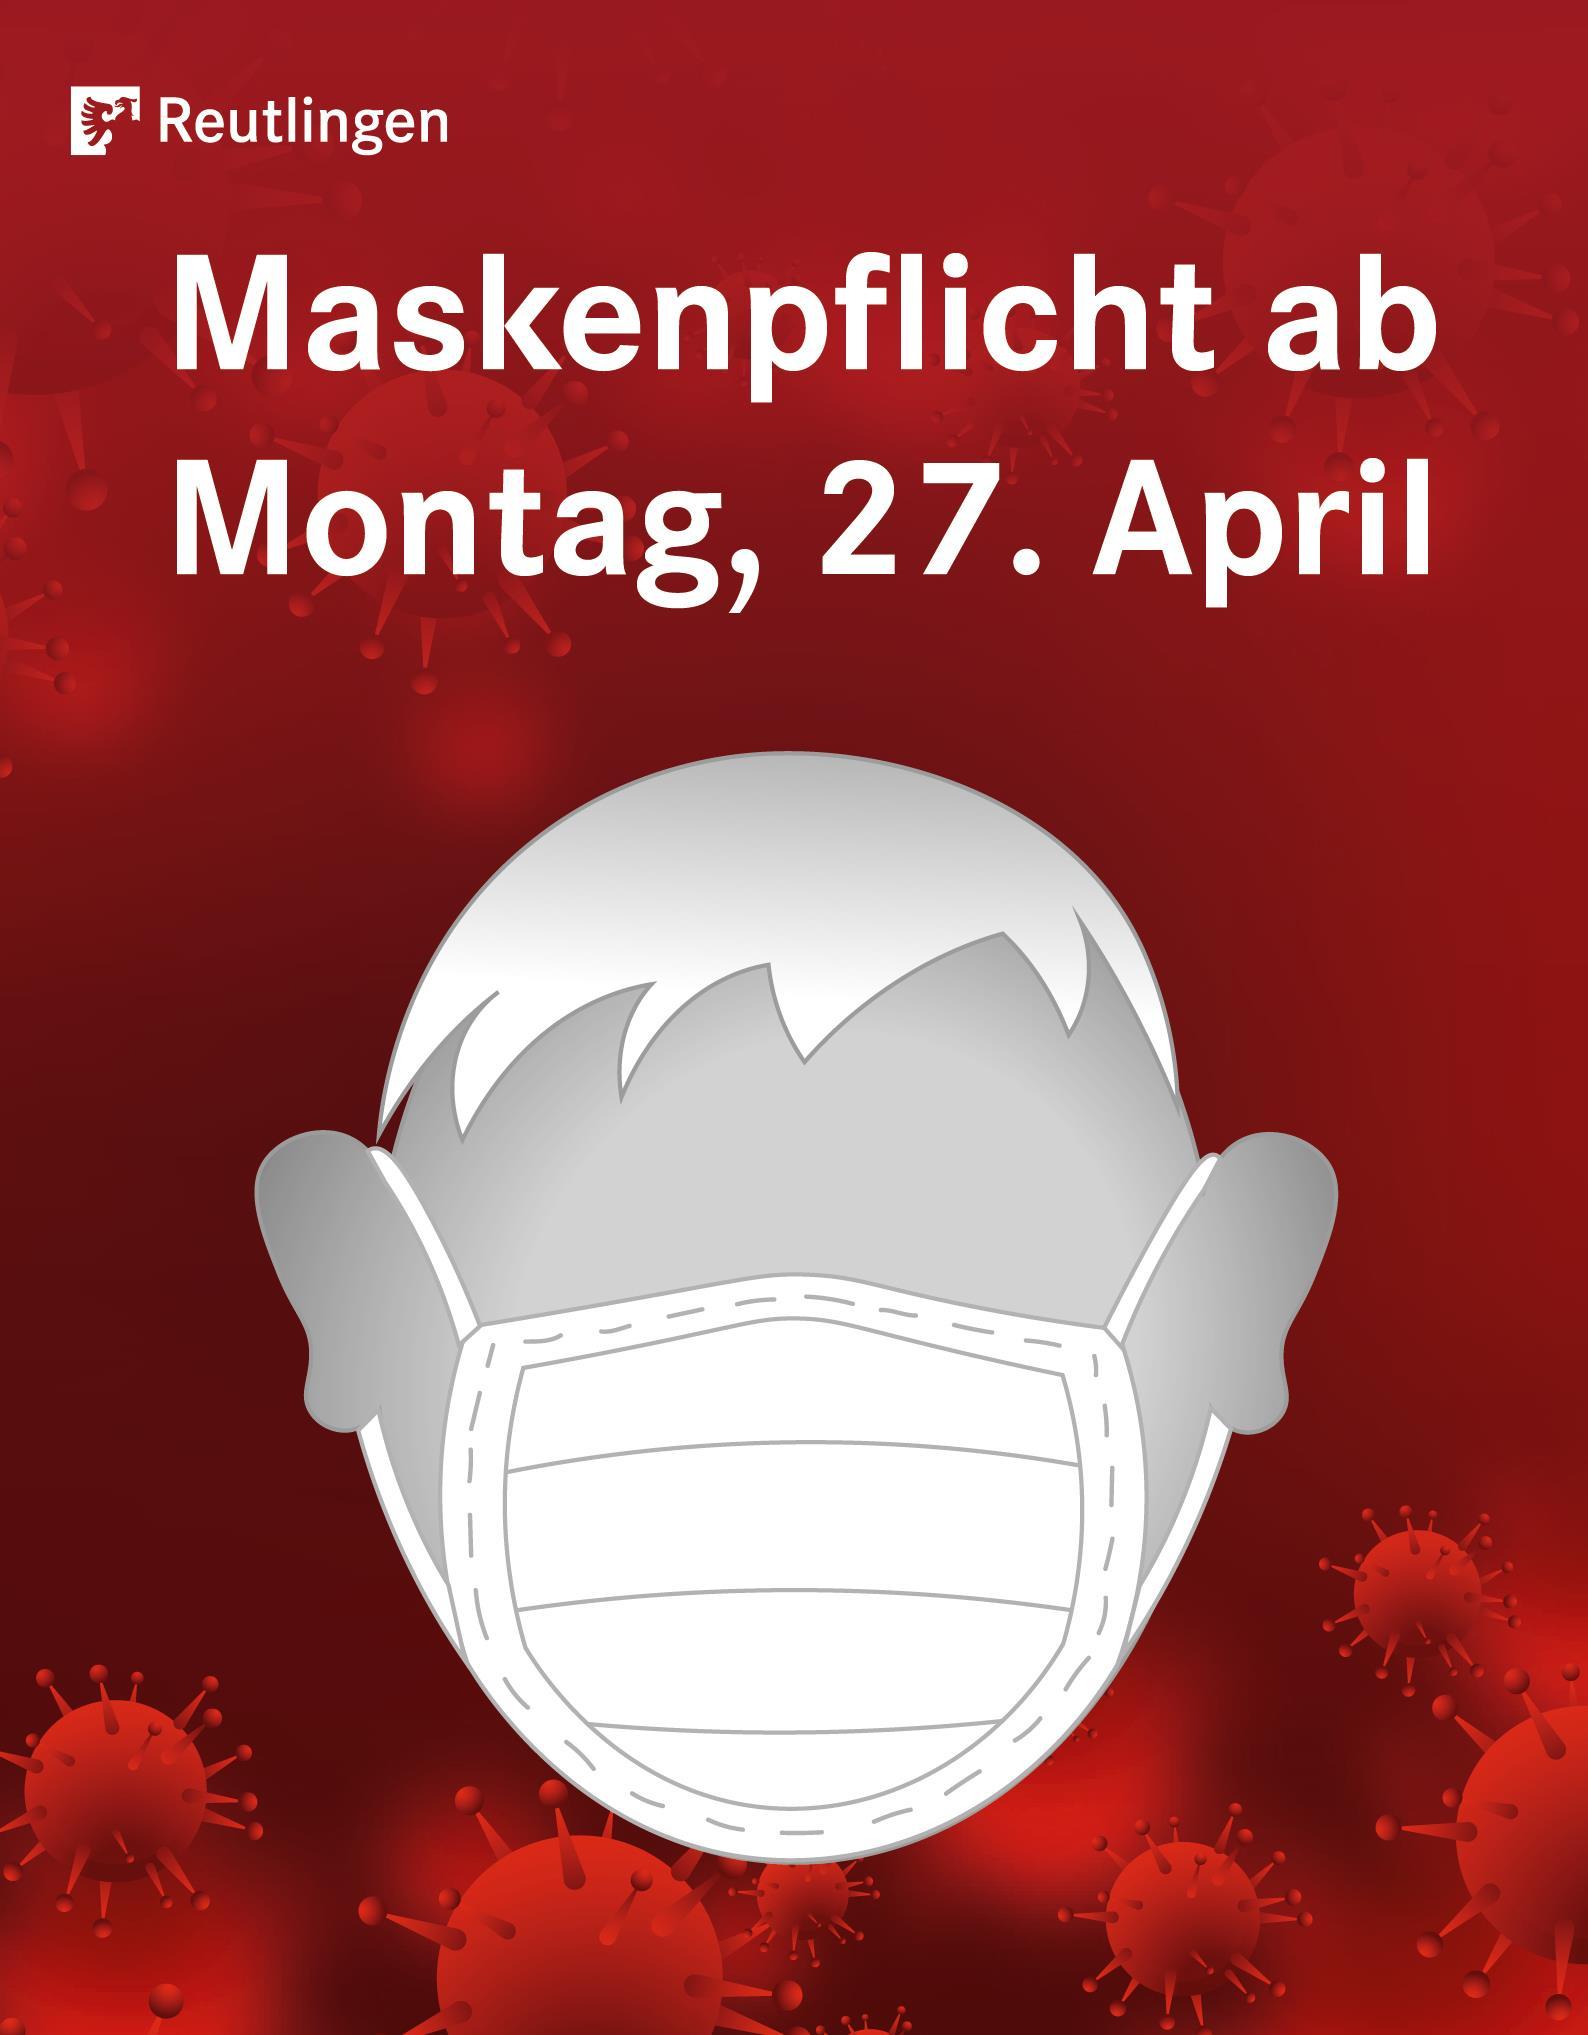 Maskenpflicht am Montag, 27. April 2020